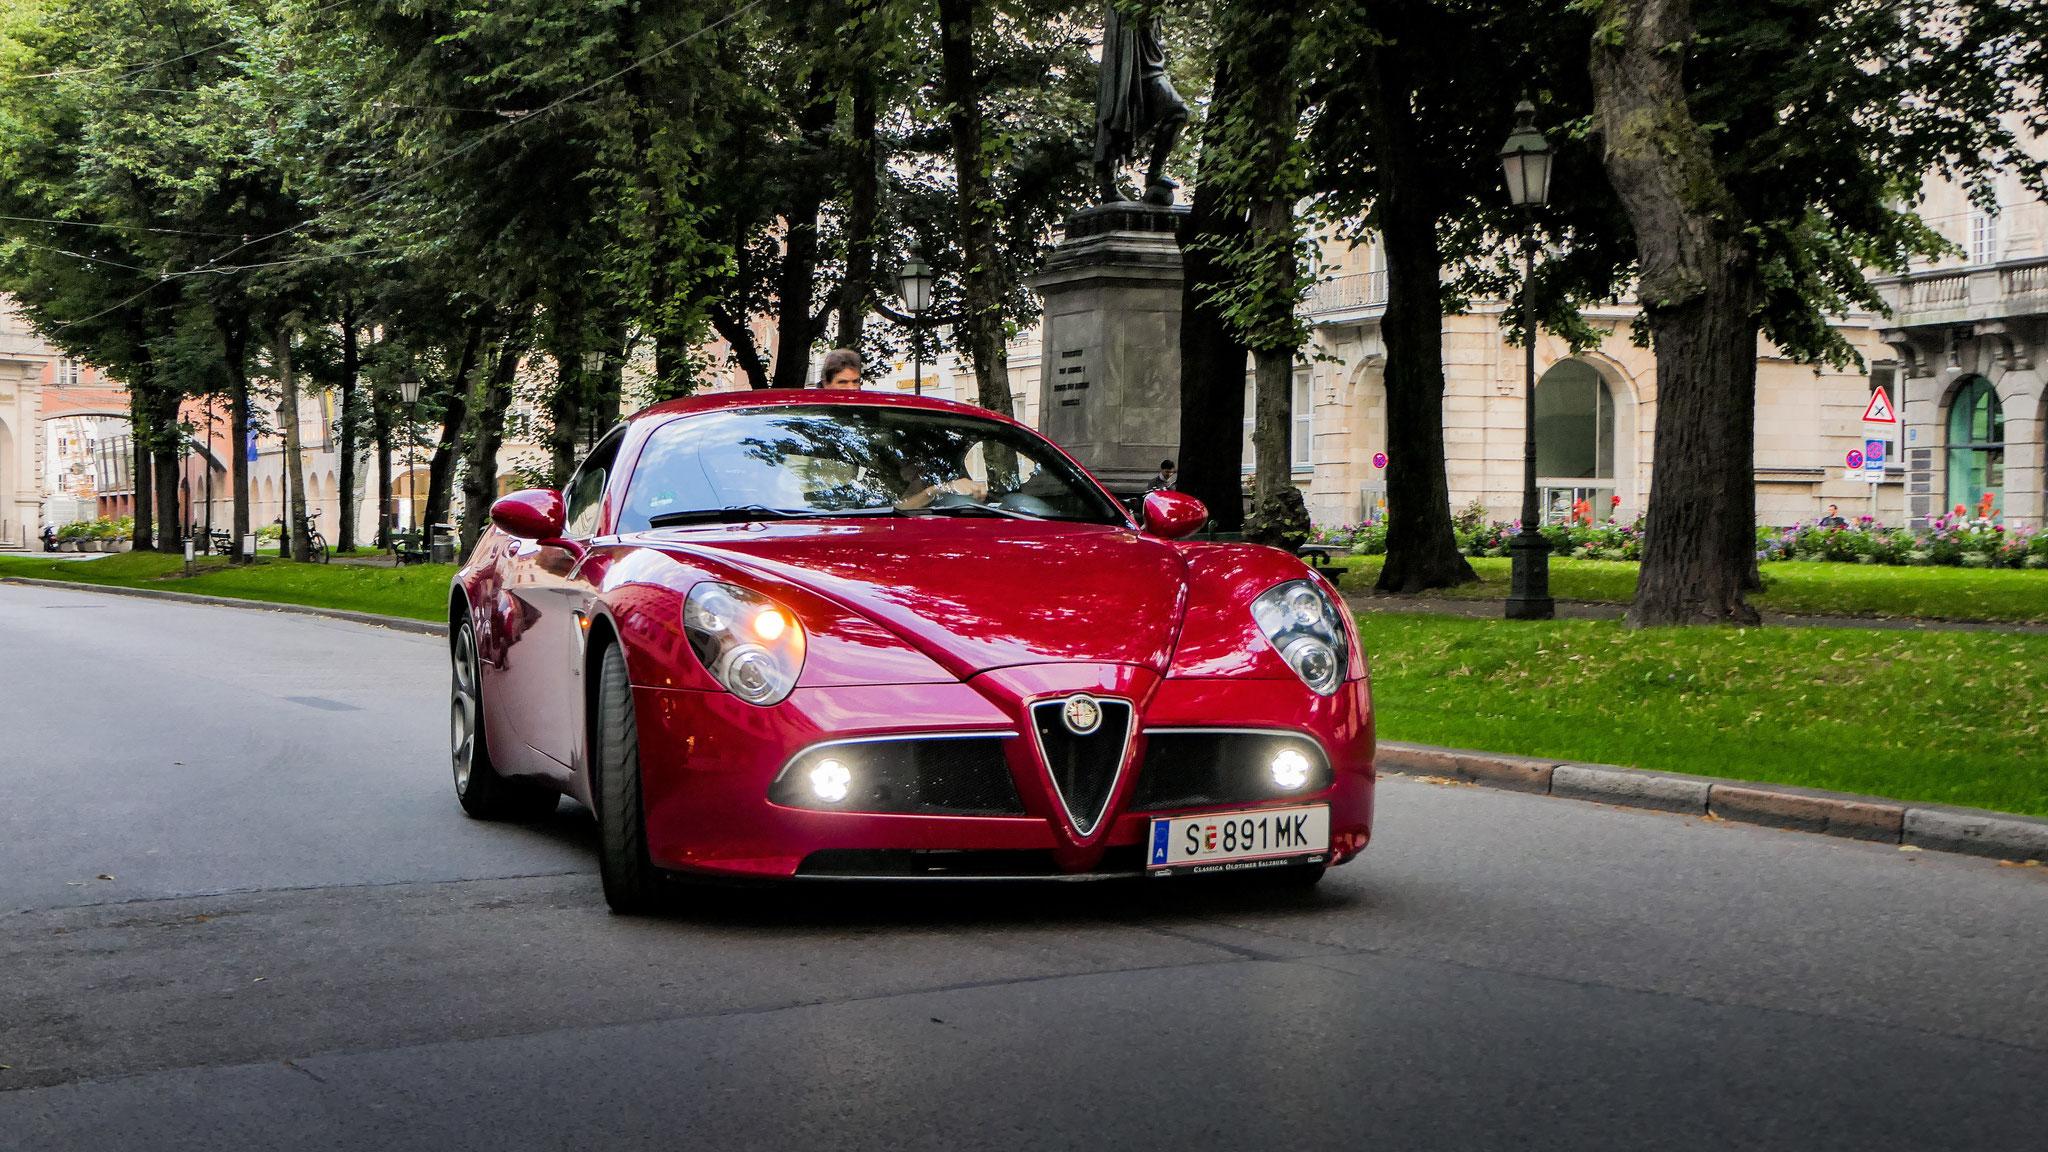 Alfa Romeo 8C - S-891-MK (AUT)